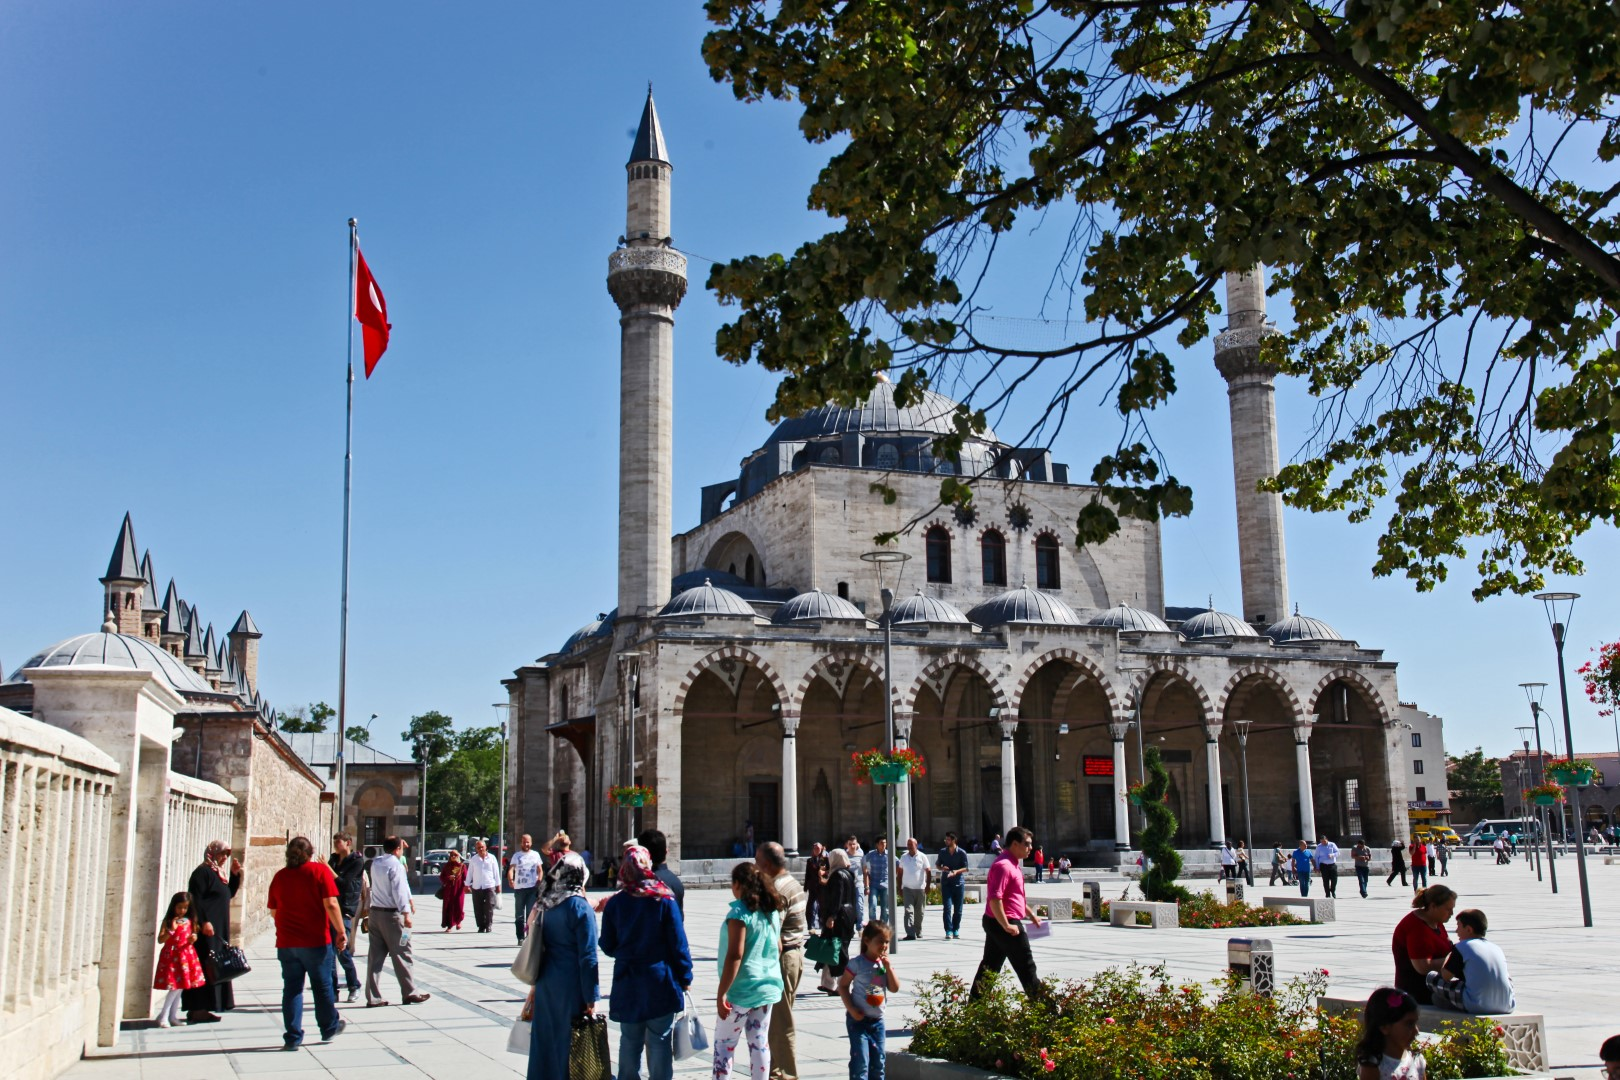 Dimitra Stasinopoulou - TURKEY: Central Anatolia - Konya